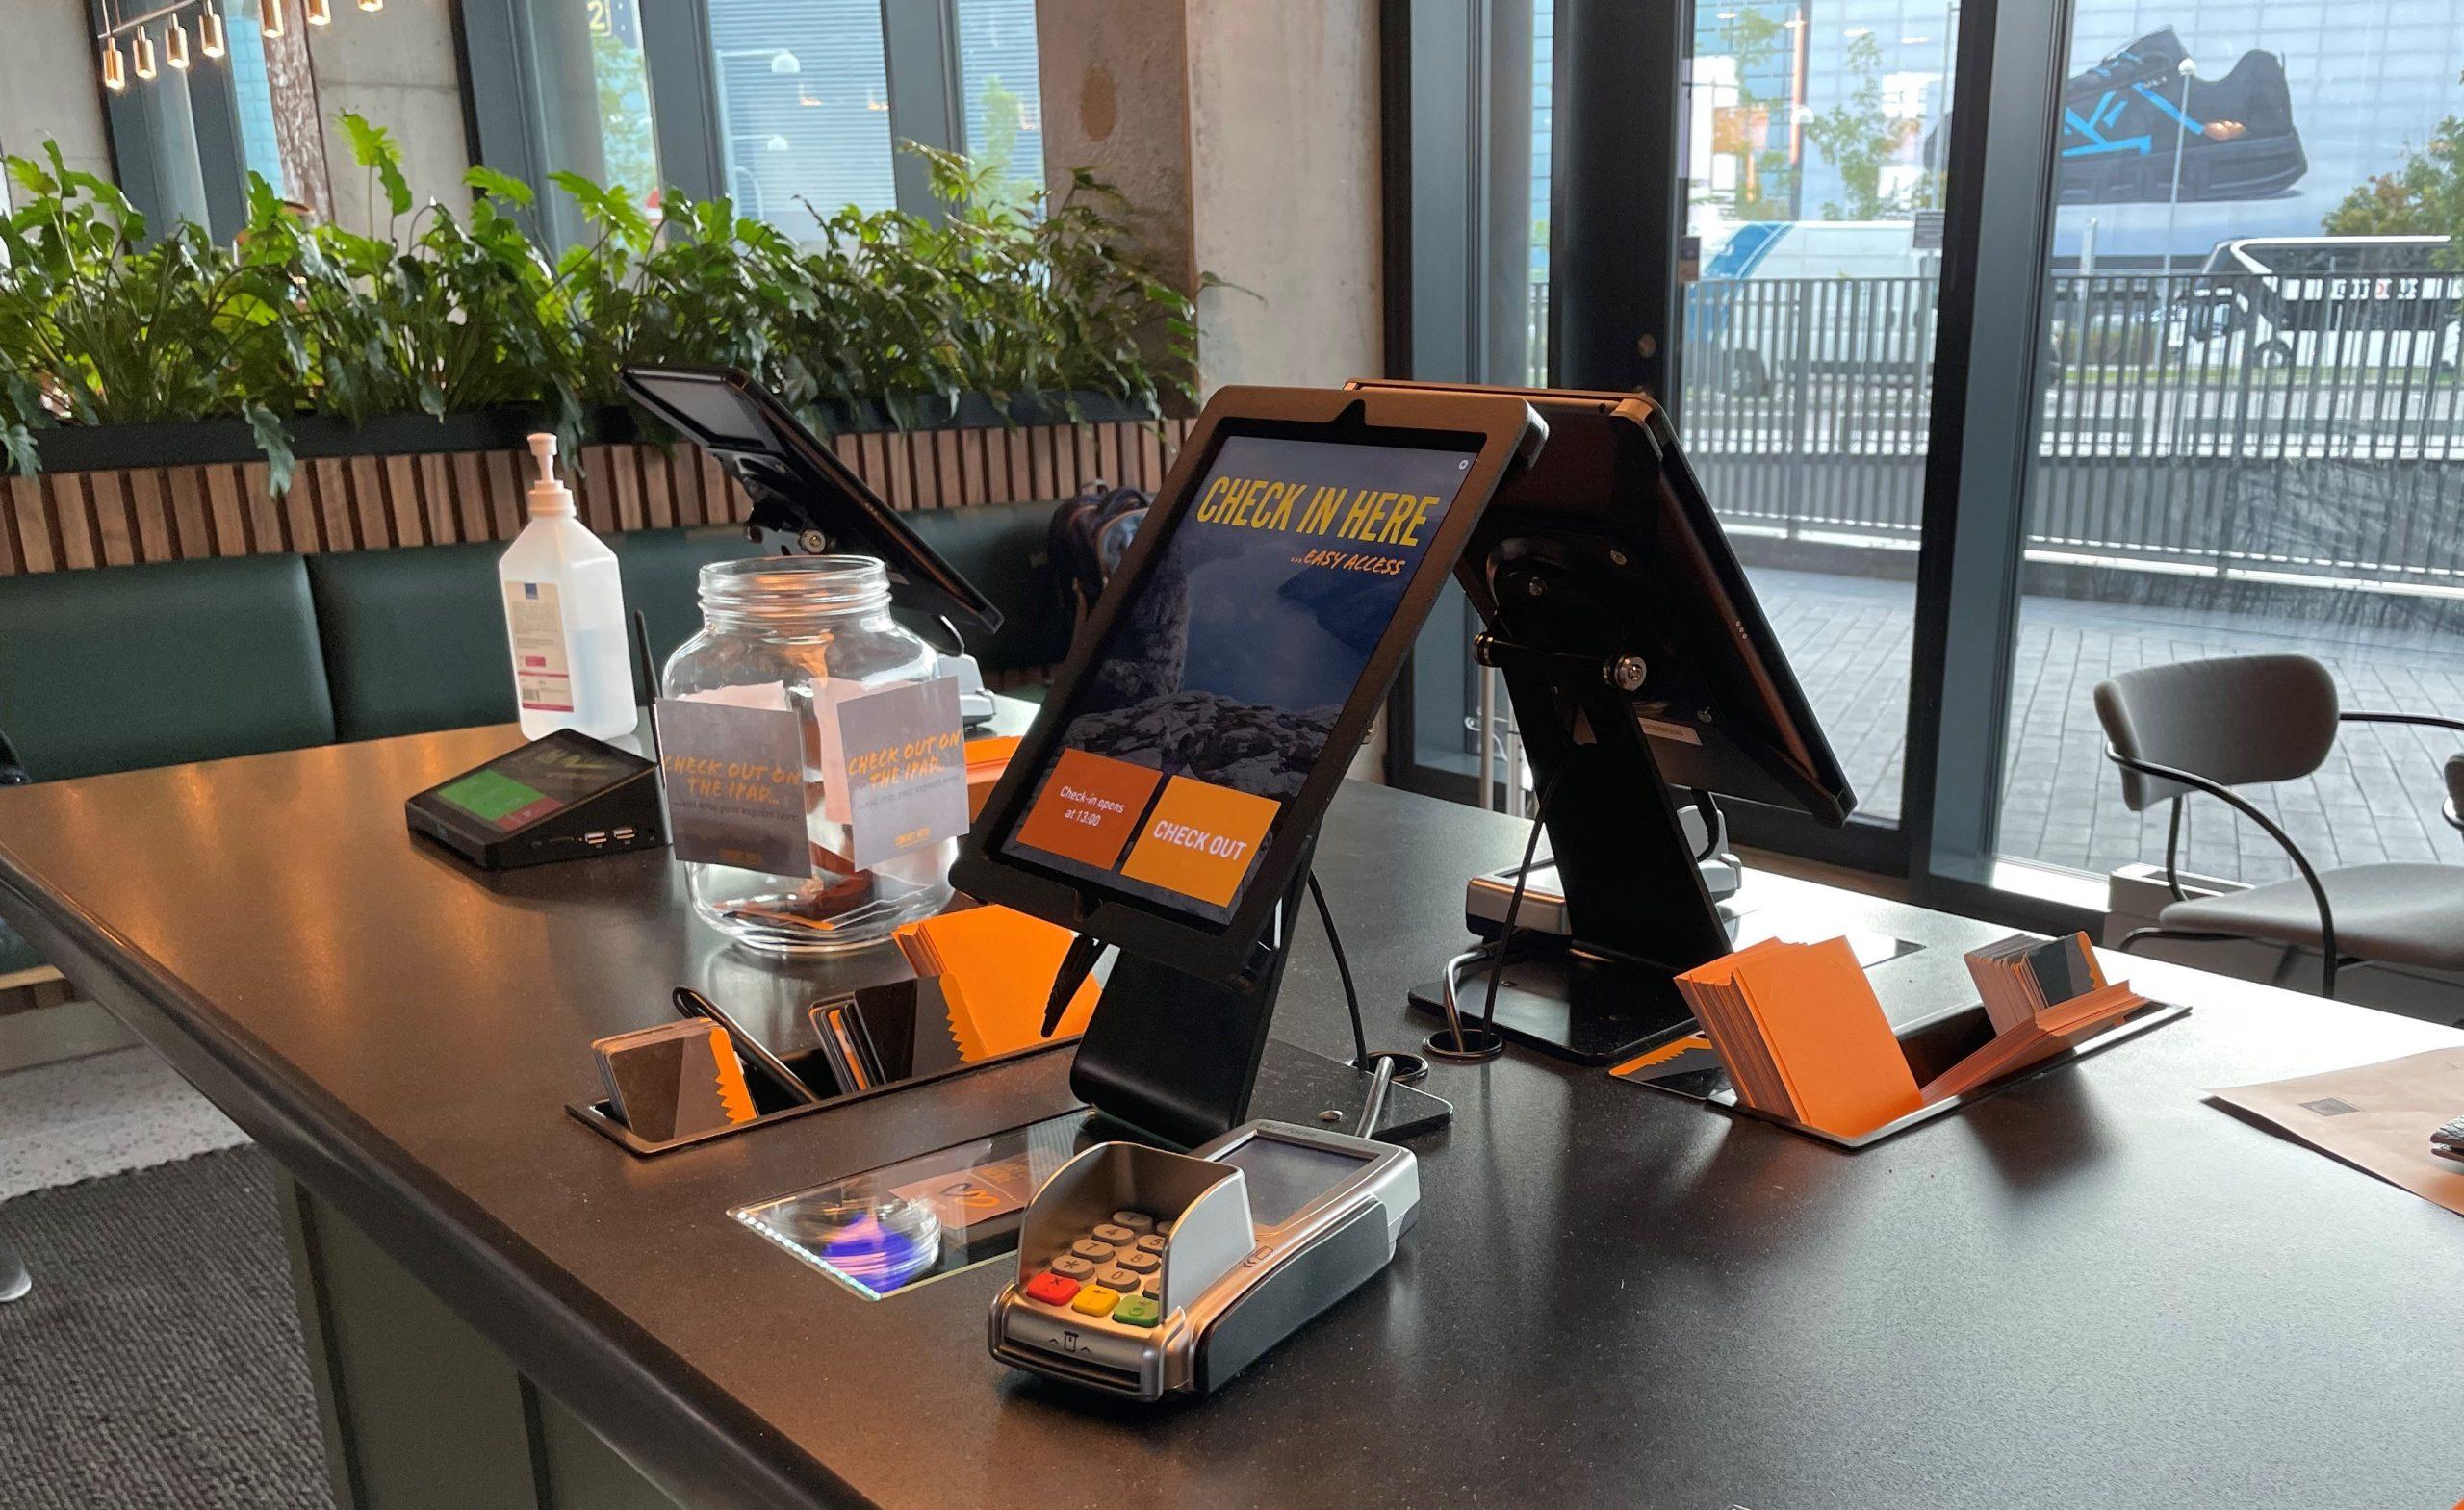 Selvbetjenings check-in på Comfort Hotel Copenhagen Airport. (Foto: Ole Kirchert Christensen)